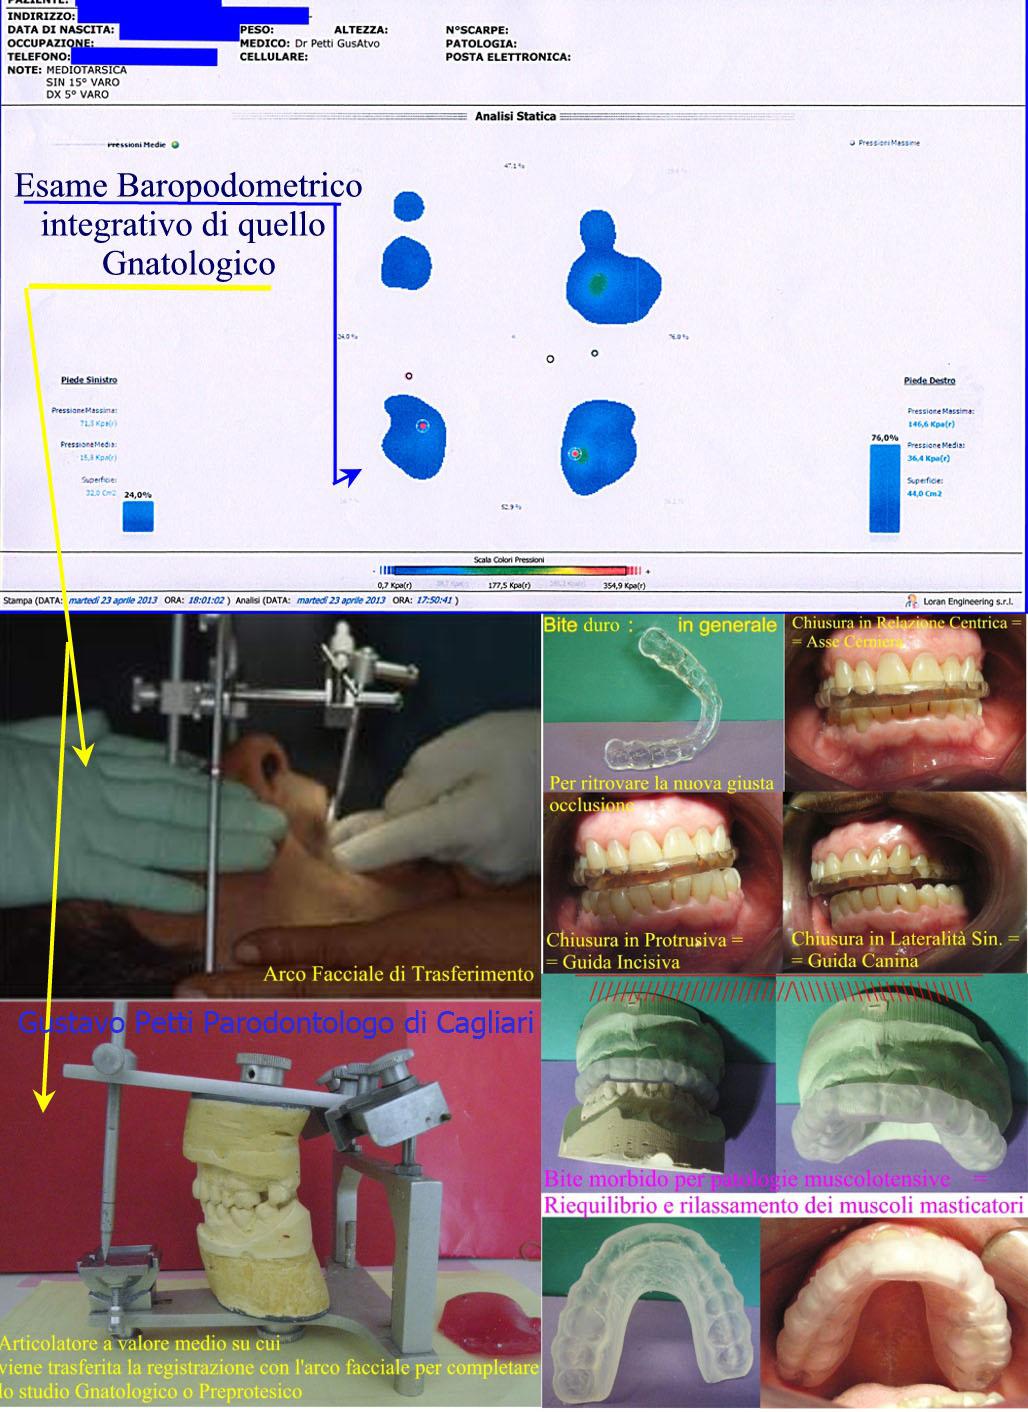 gnatologia-dr-g.petti-cagliari-612.jpg